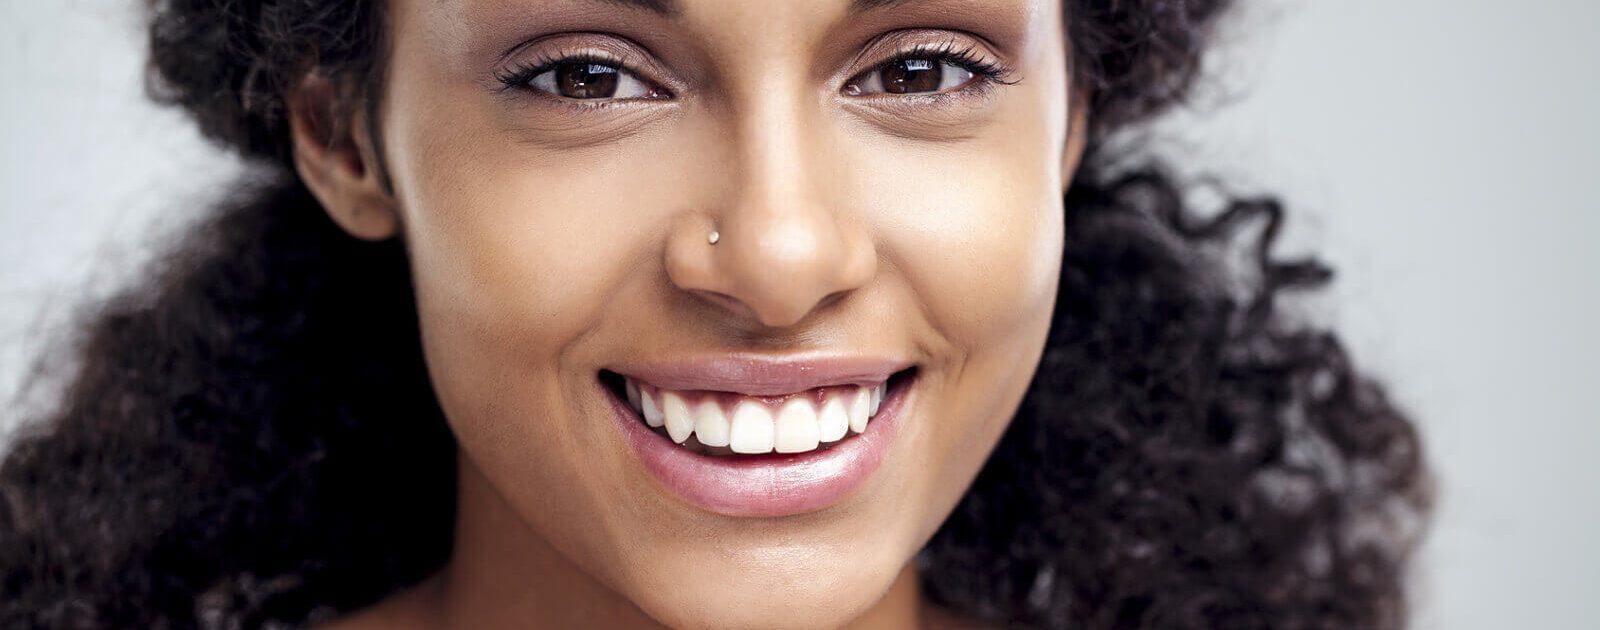 Eine junge Frau hat sich ein Nostril-Nasenpiercing stechen lassen.